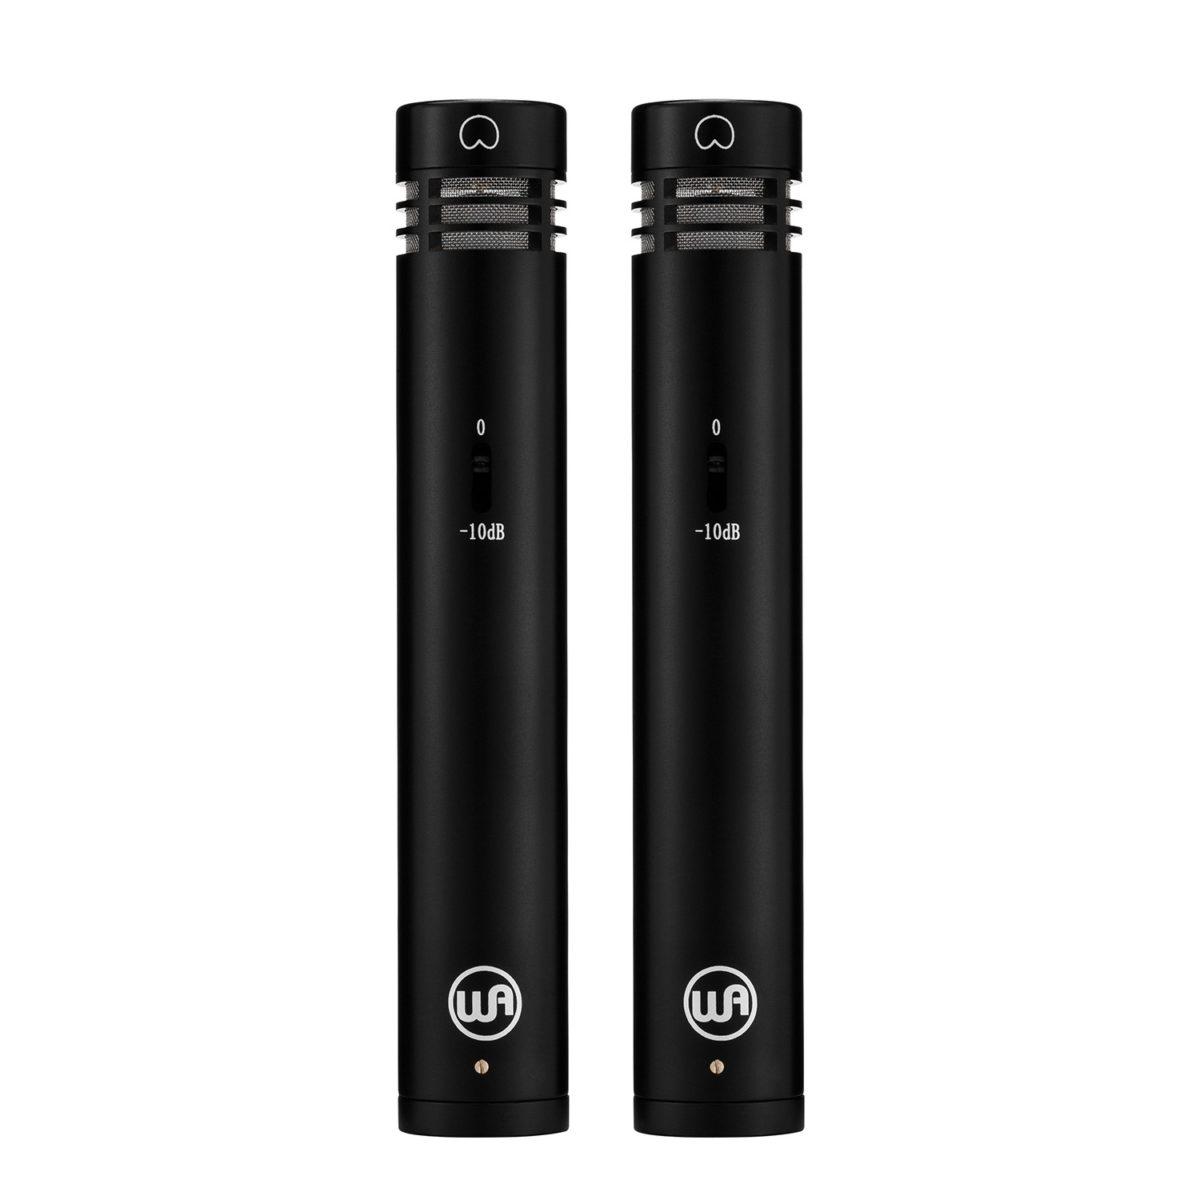 ไมค์อัดเสียง ยี่ห้อ Warm Audio รุ่น WA-84 Black Stereo Pair